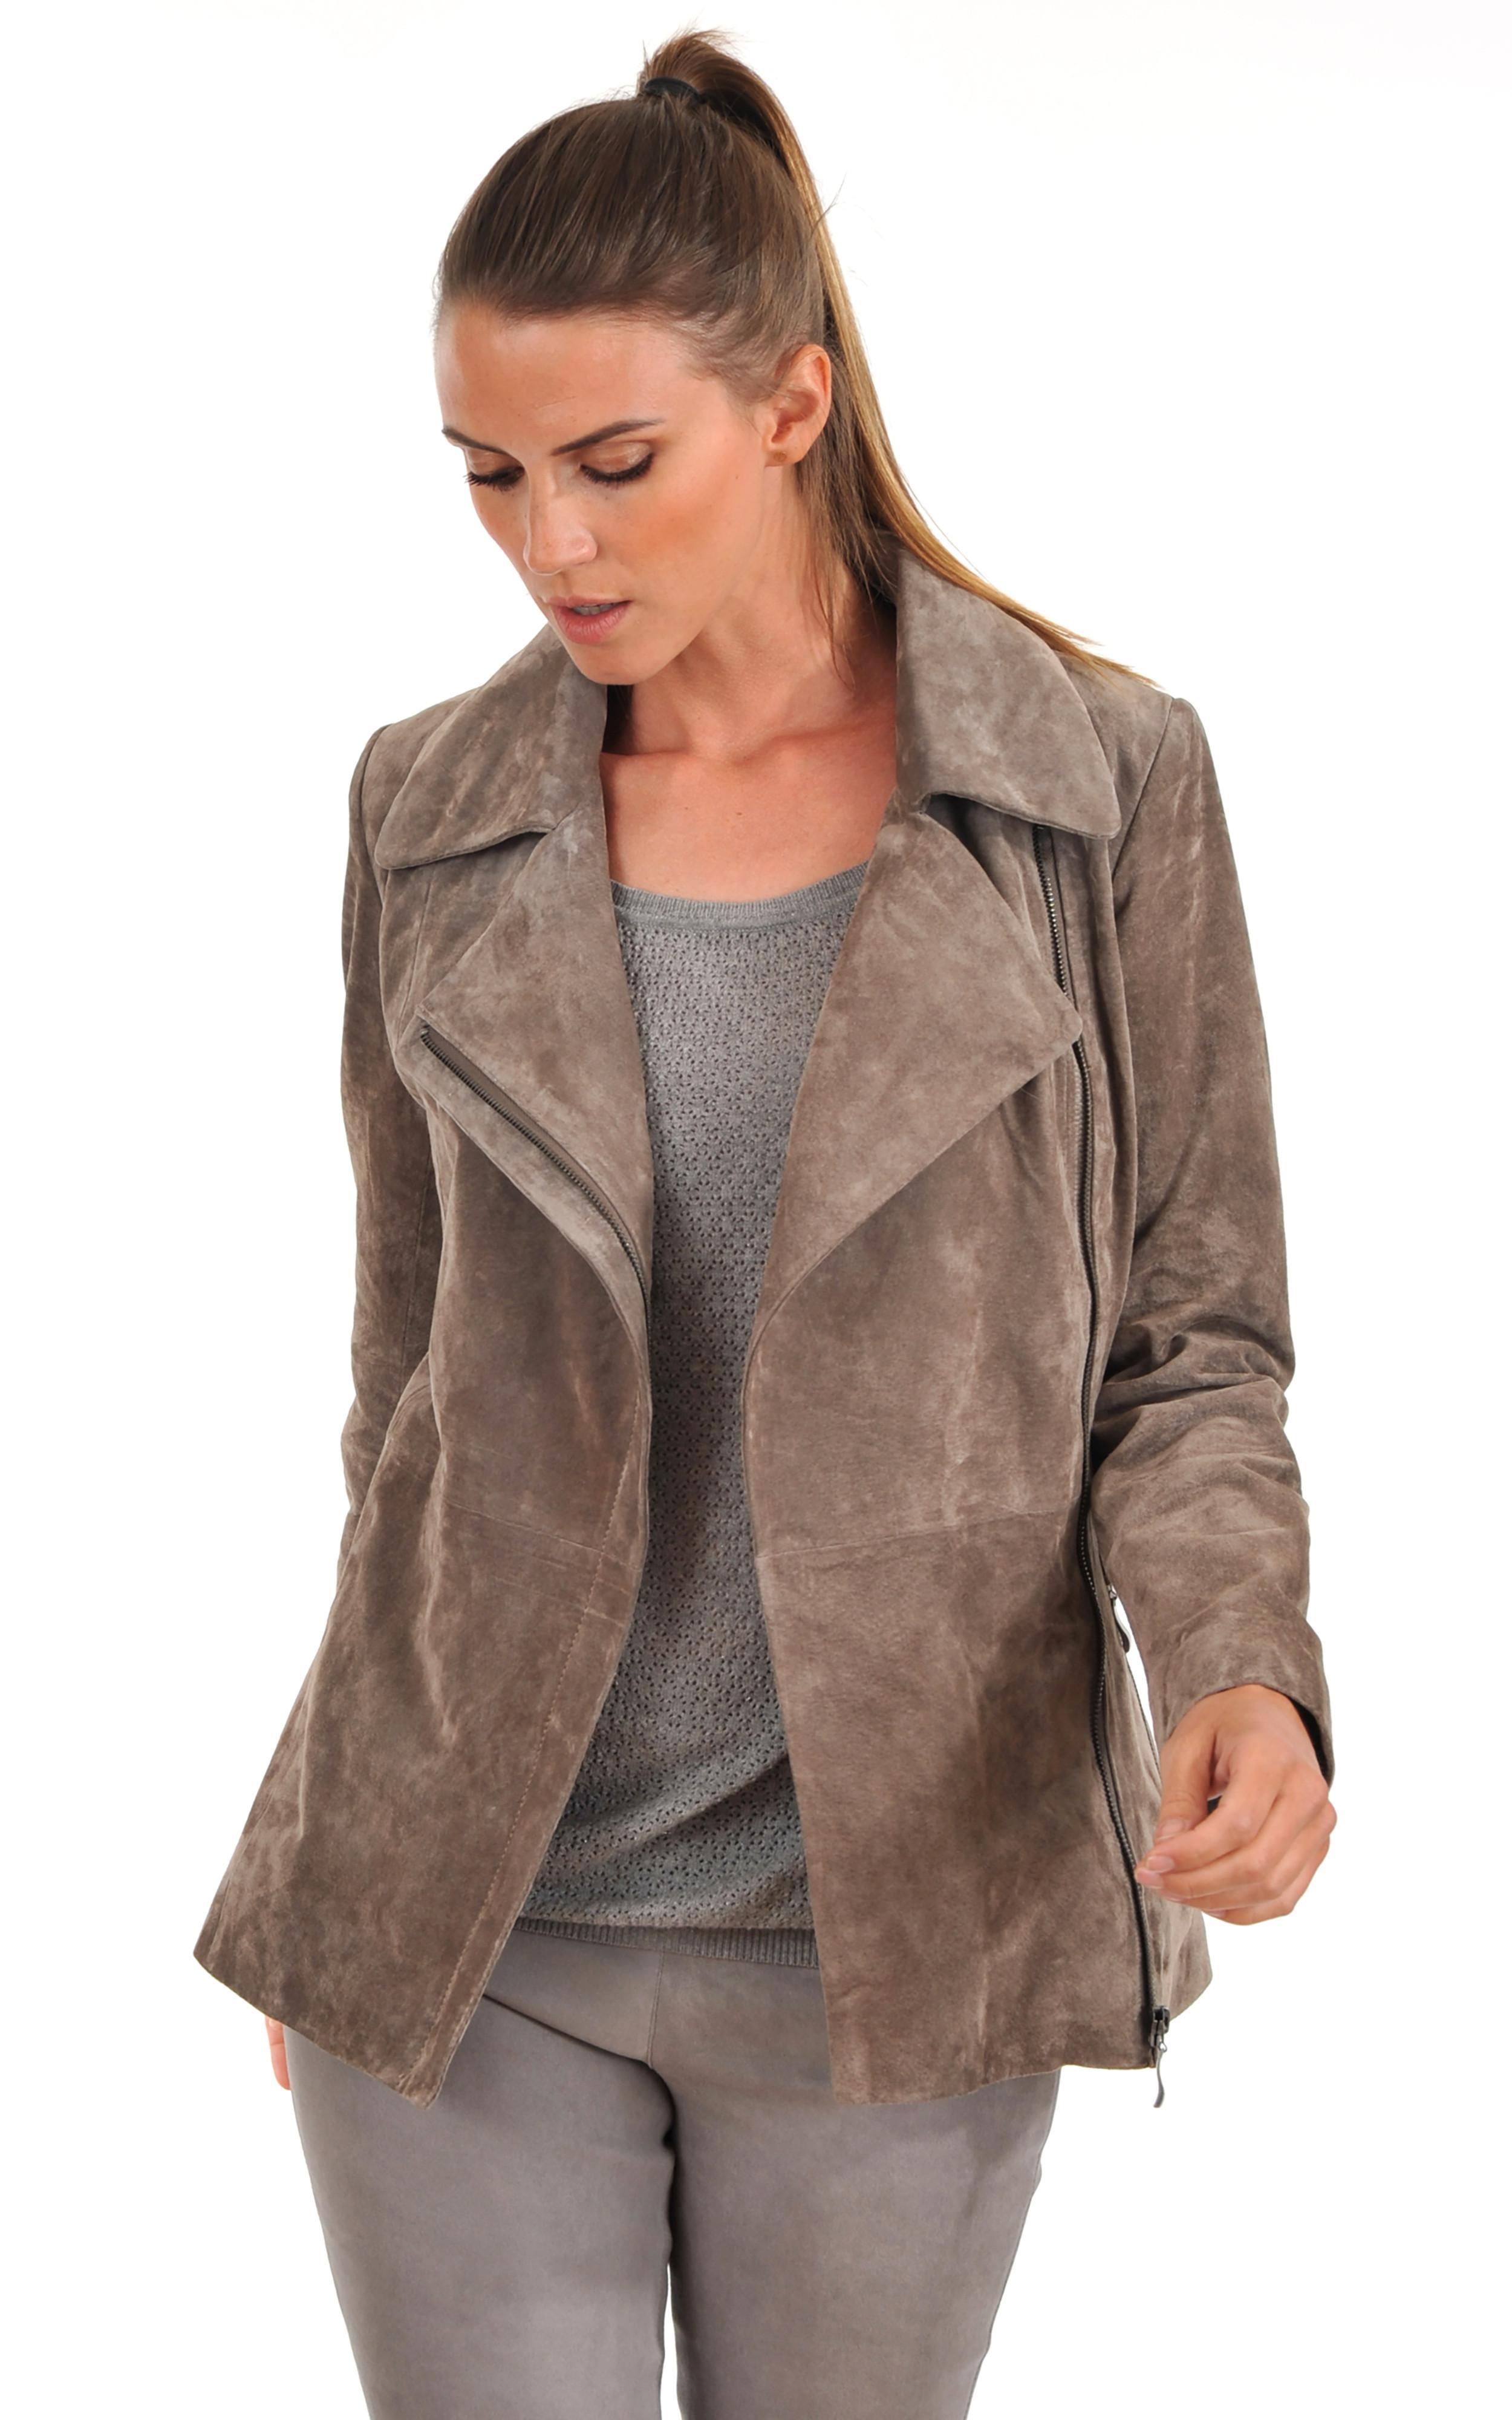 veste longue en daim femme la canadienne la canadienne veste 3 4 nubuck et daim gris. Black Bedroom Furniture Sets. Home Design Ideas